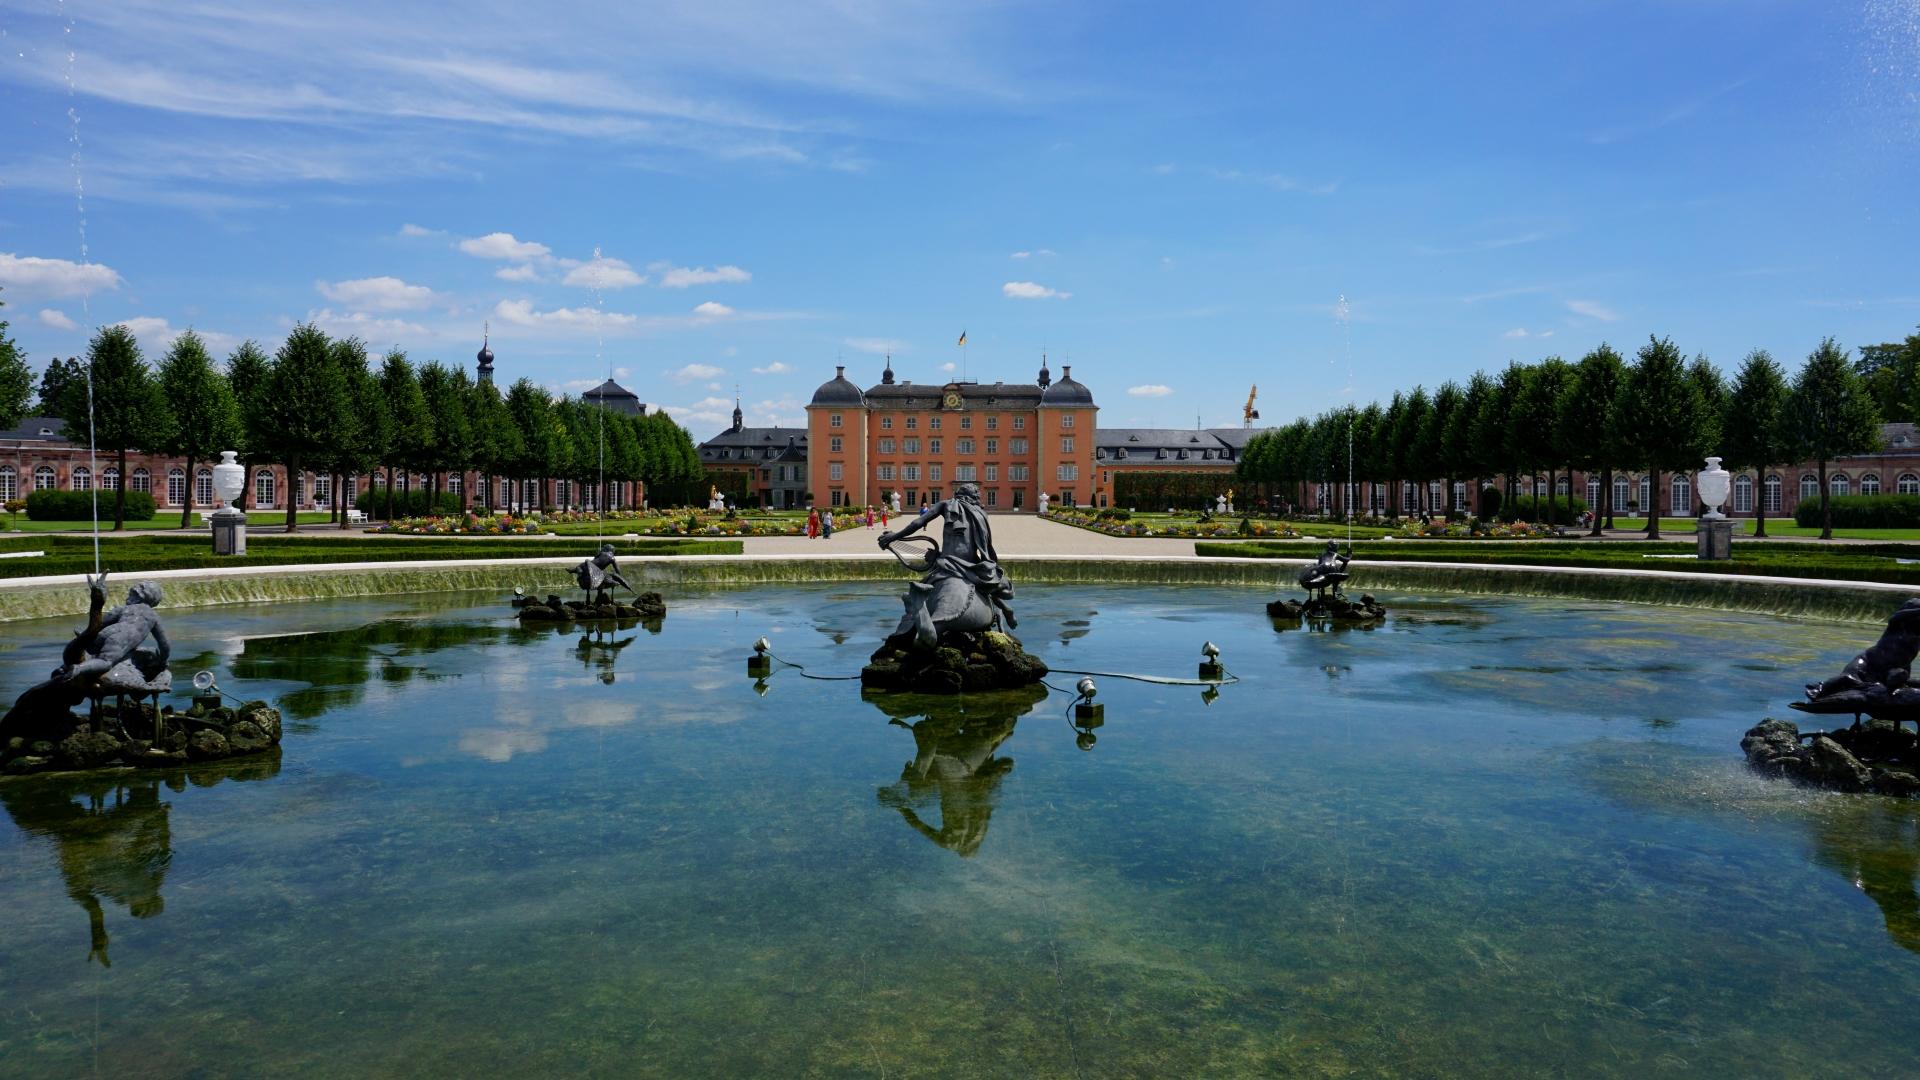 Man Made Schwetzingen Palace 1920x1080